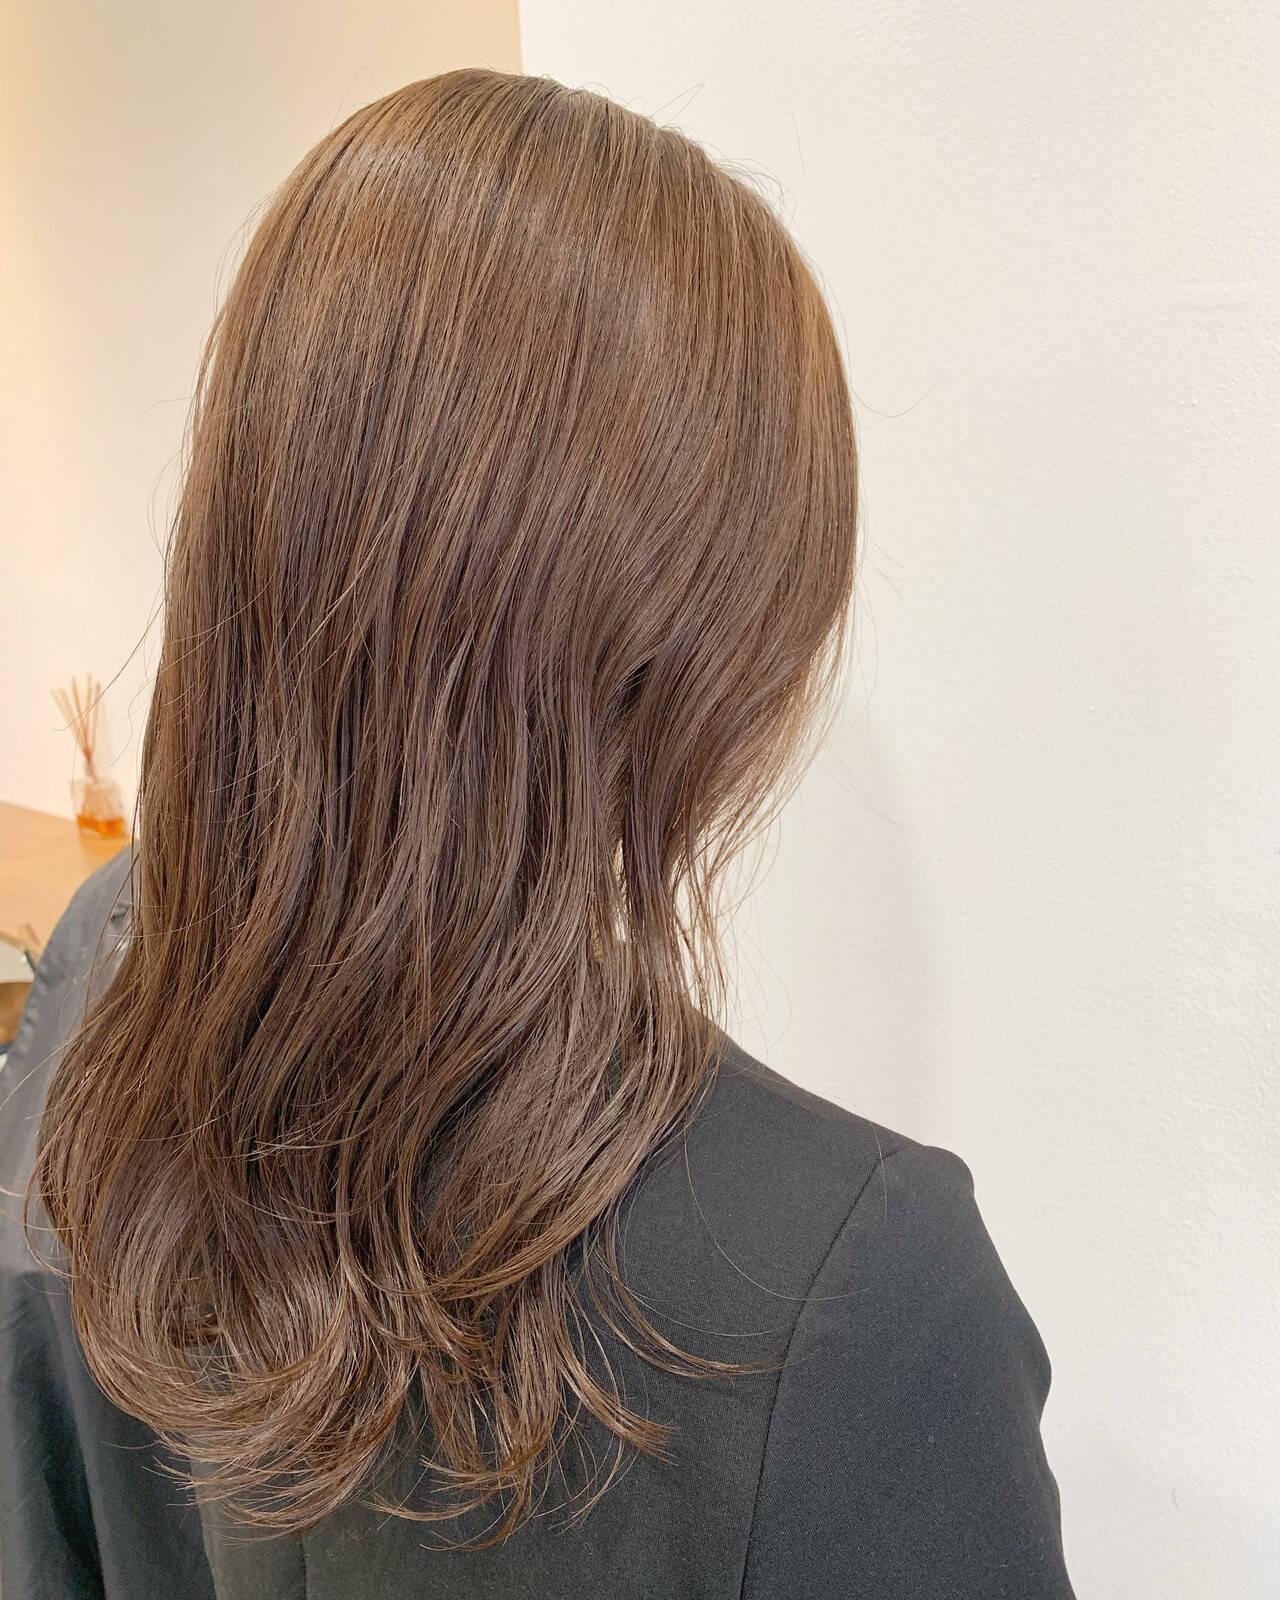 ピンクベージュ ロング シアーベージュ 透明感カラーヘアスタイルや髪型の写真・画像